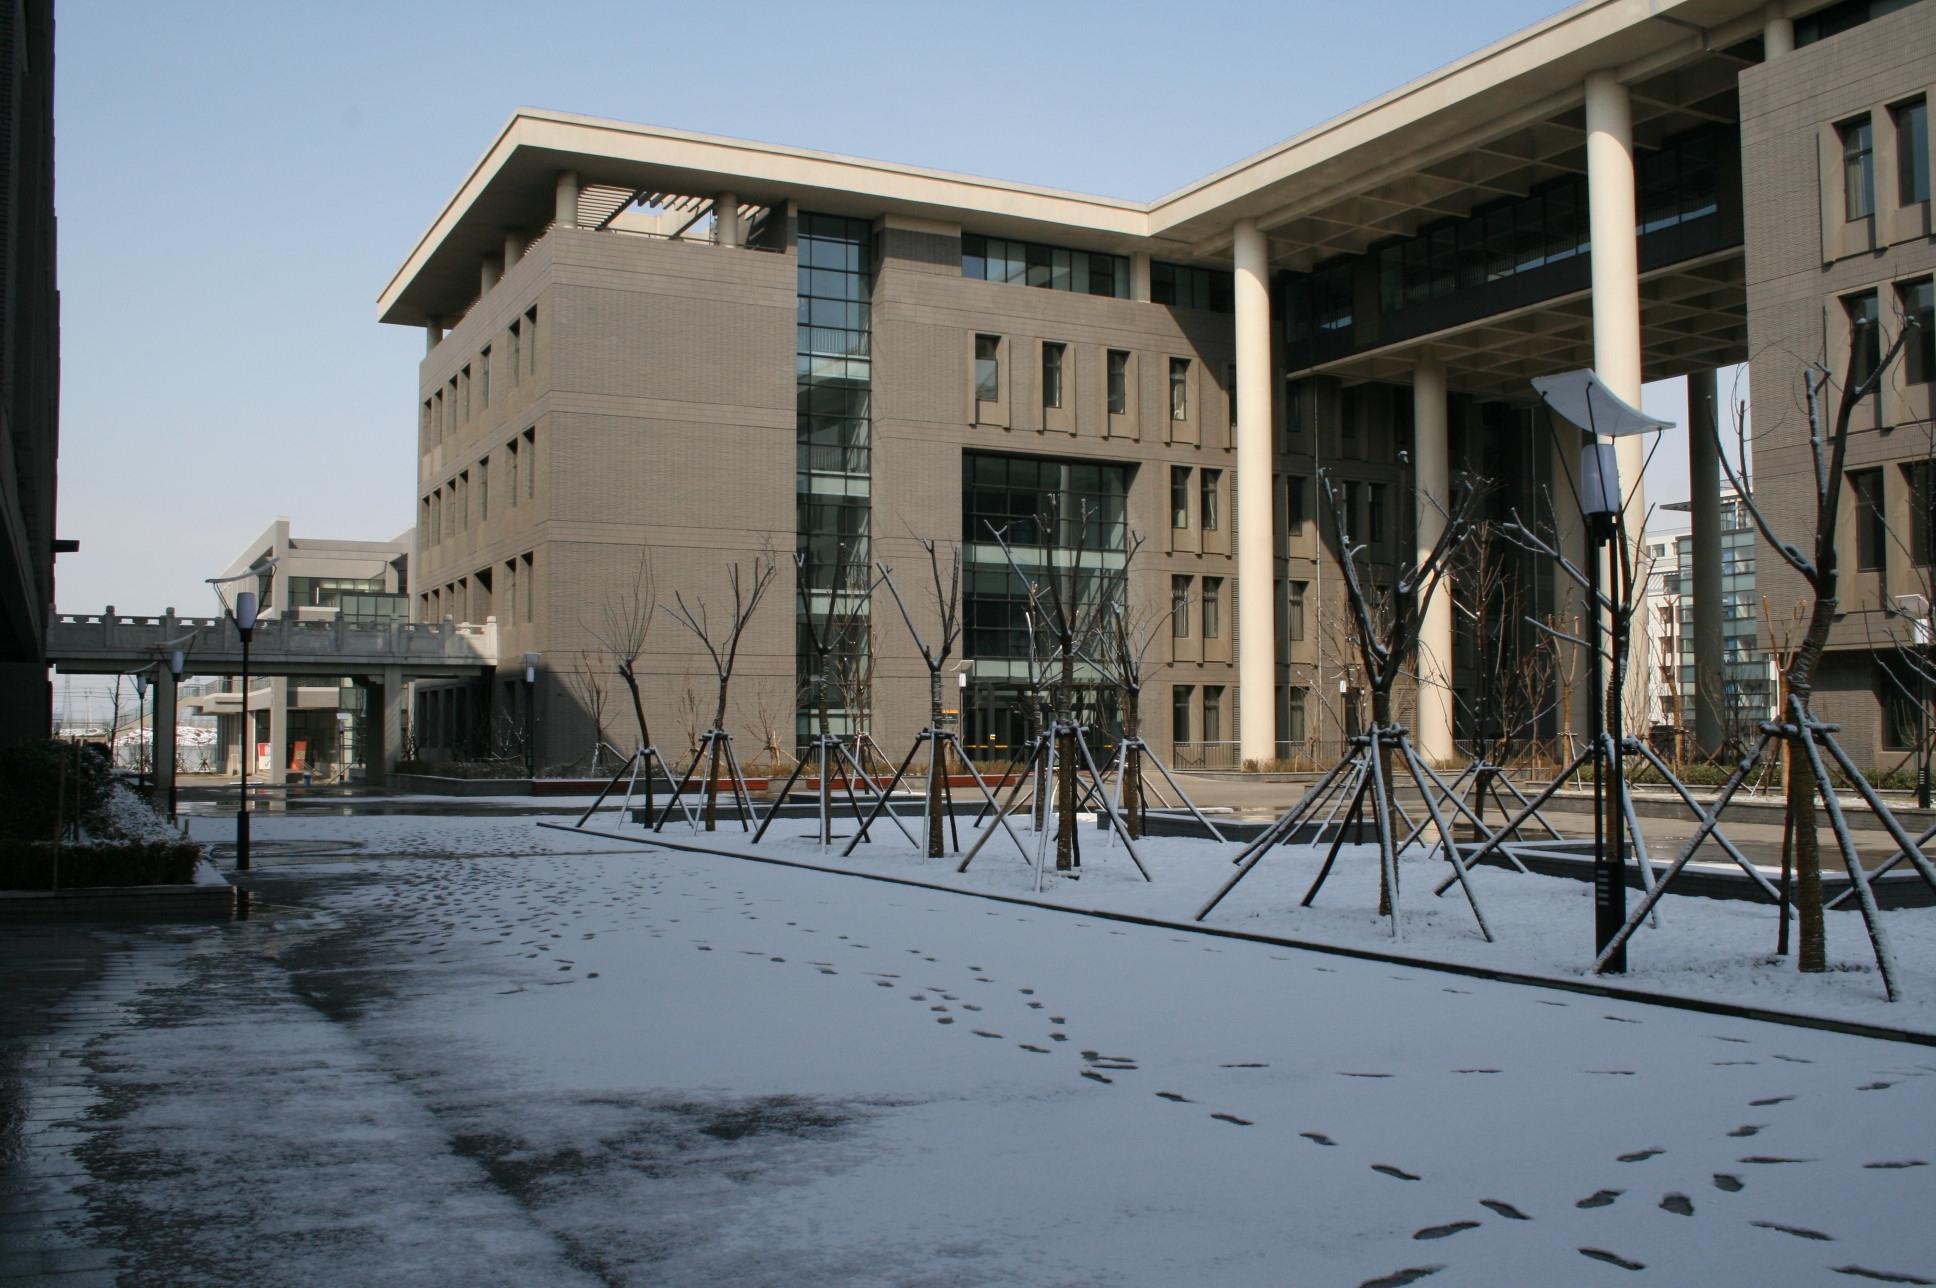 北京建筑类大学有哪些_建筑类大学有哪些